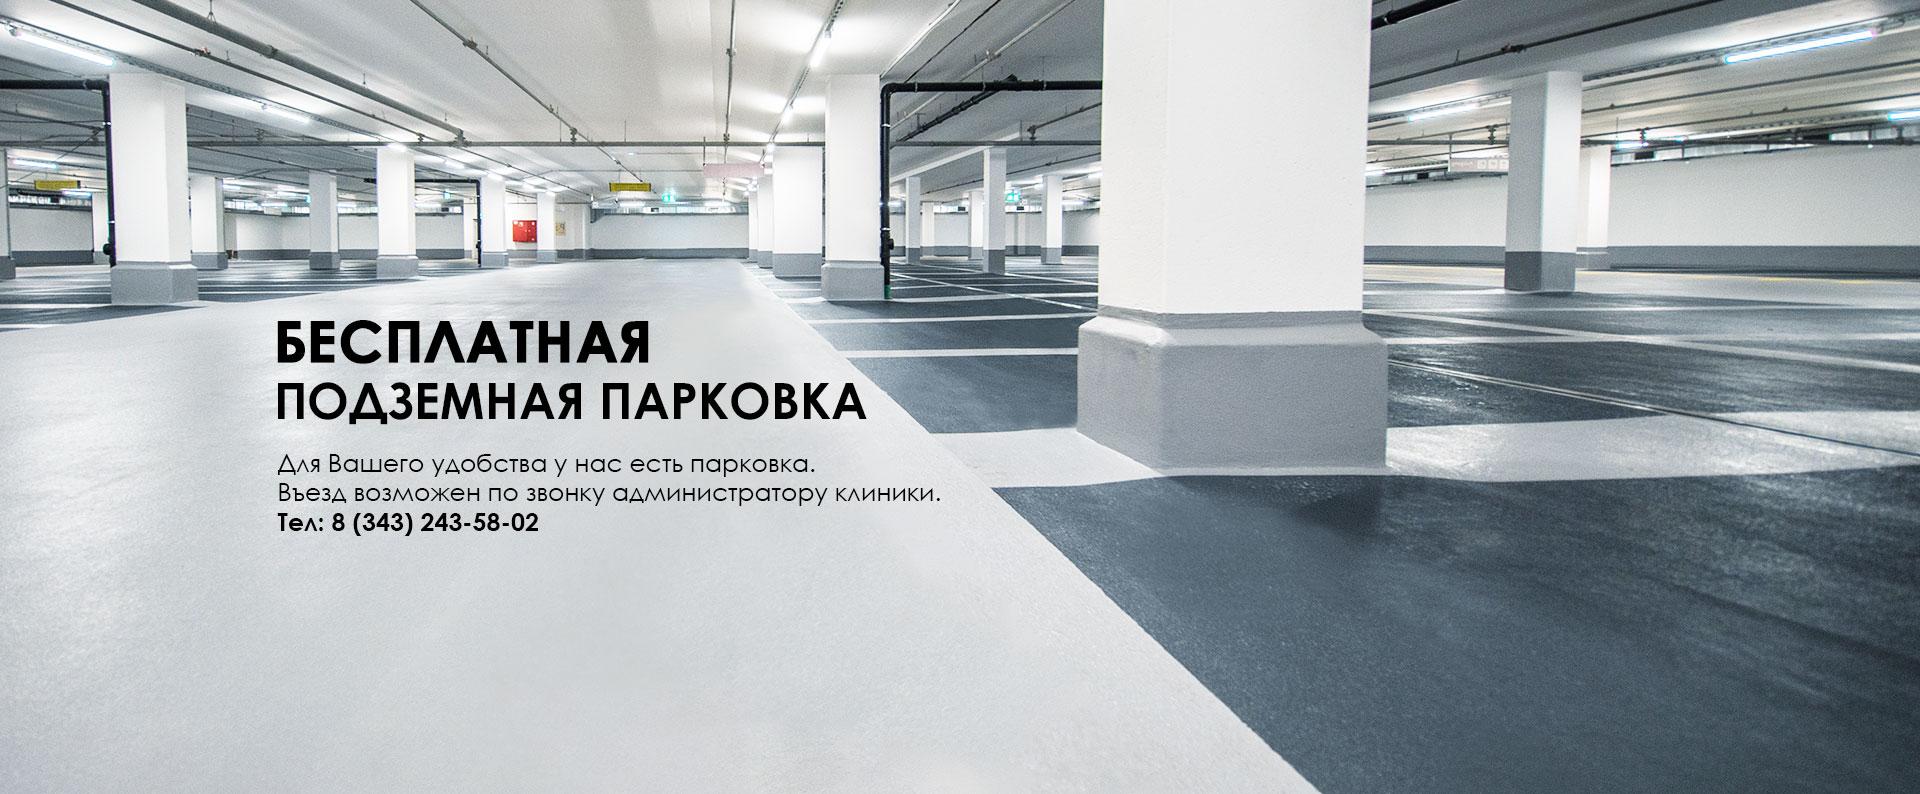 Бесплатная подземная парковка